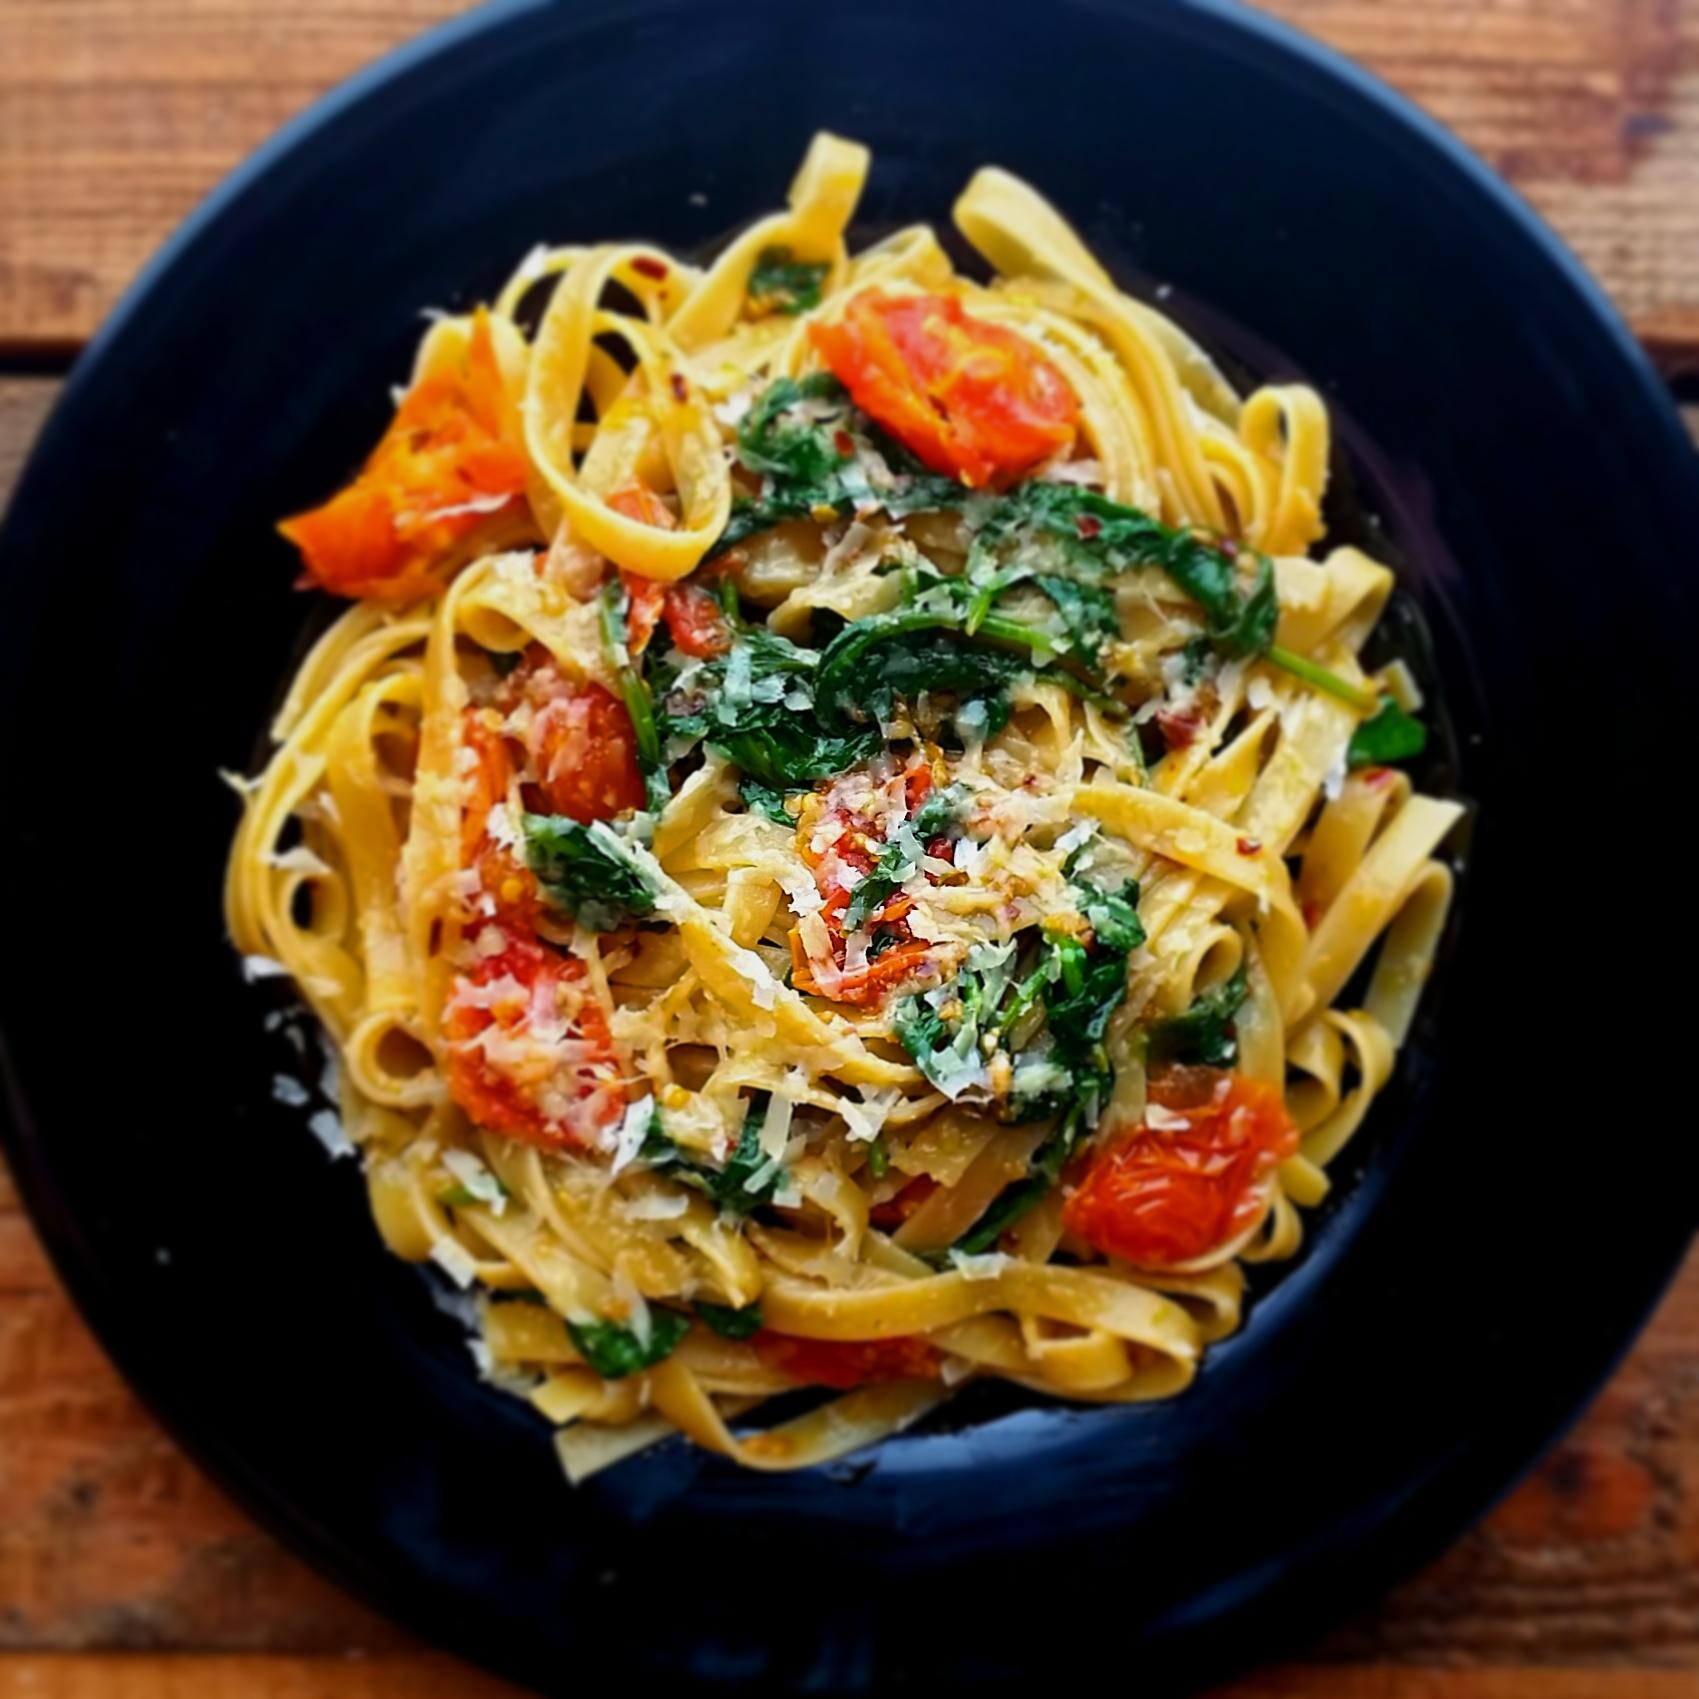 Taggliatelle Aglio e Olio with baby spinach